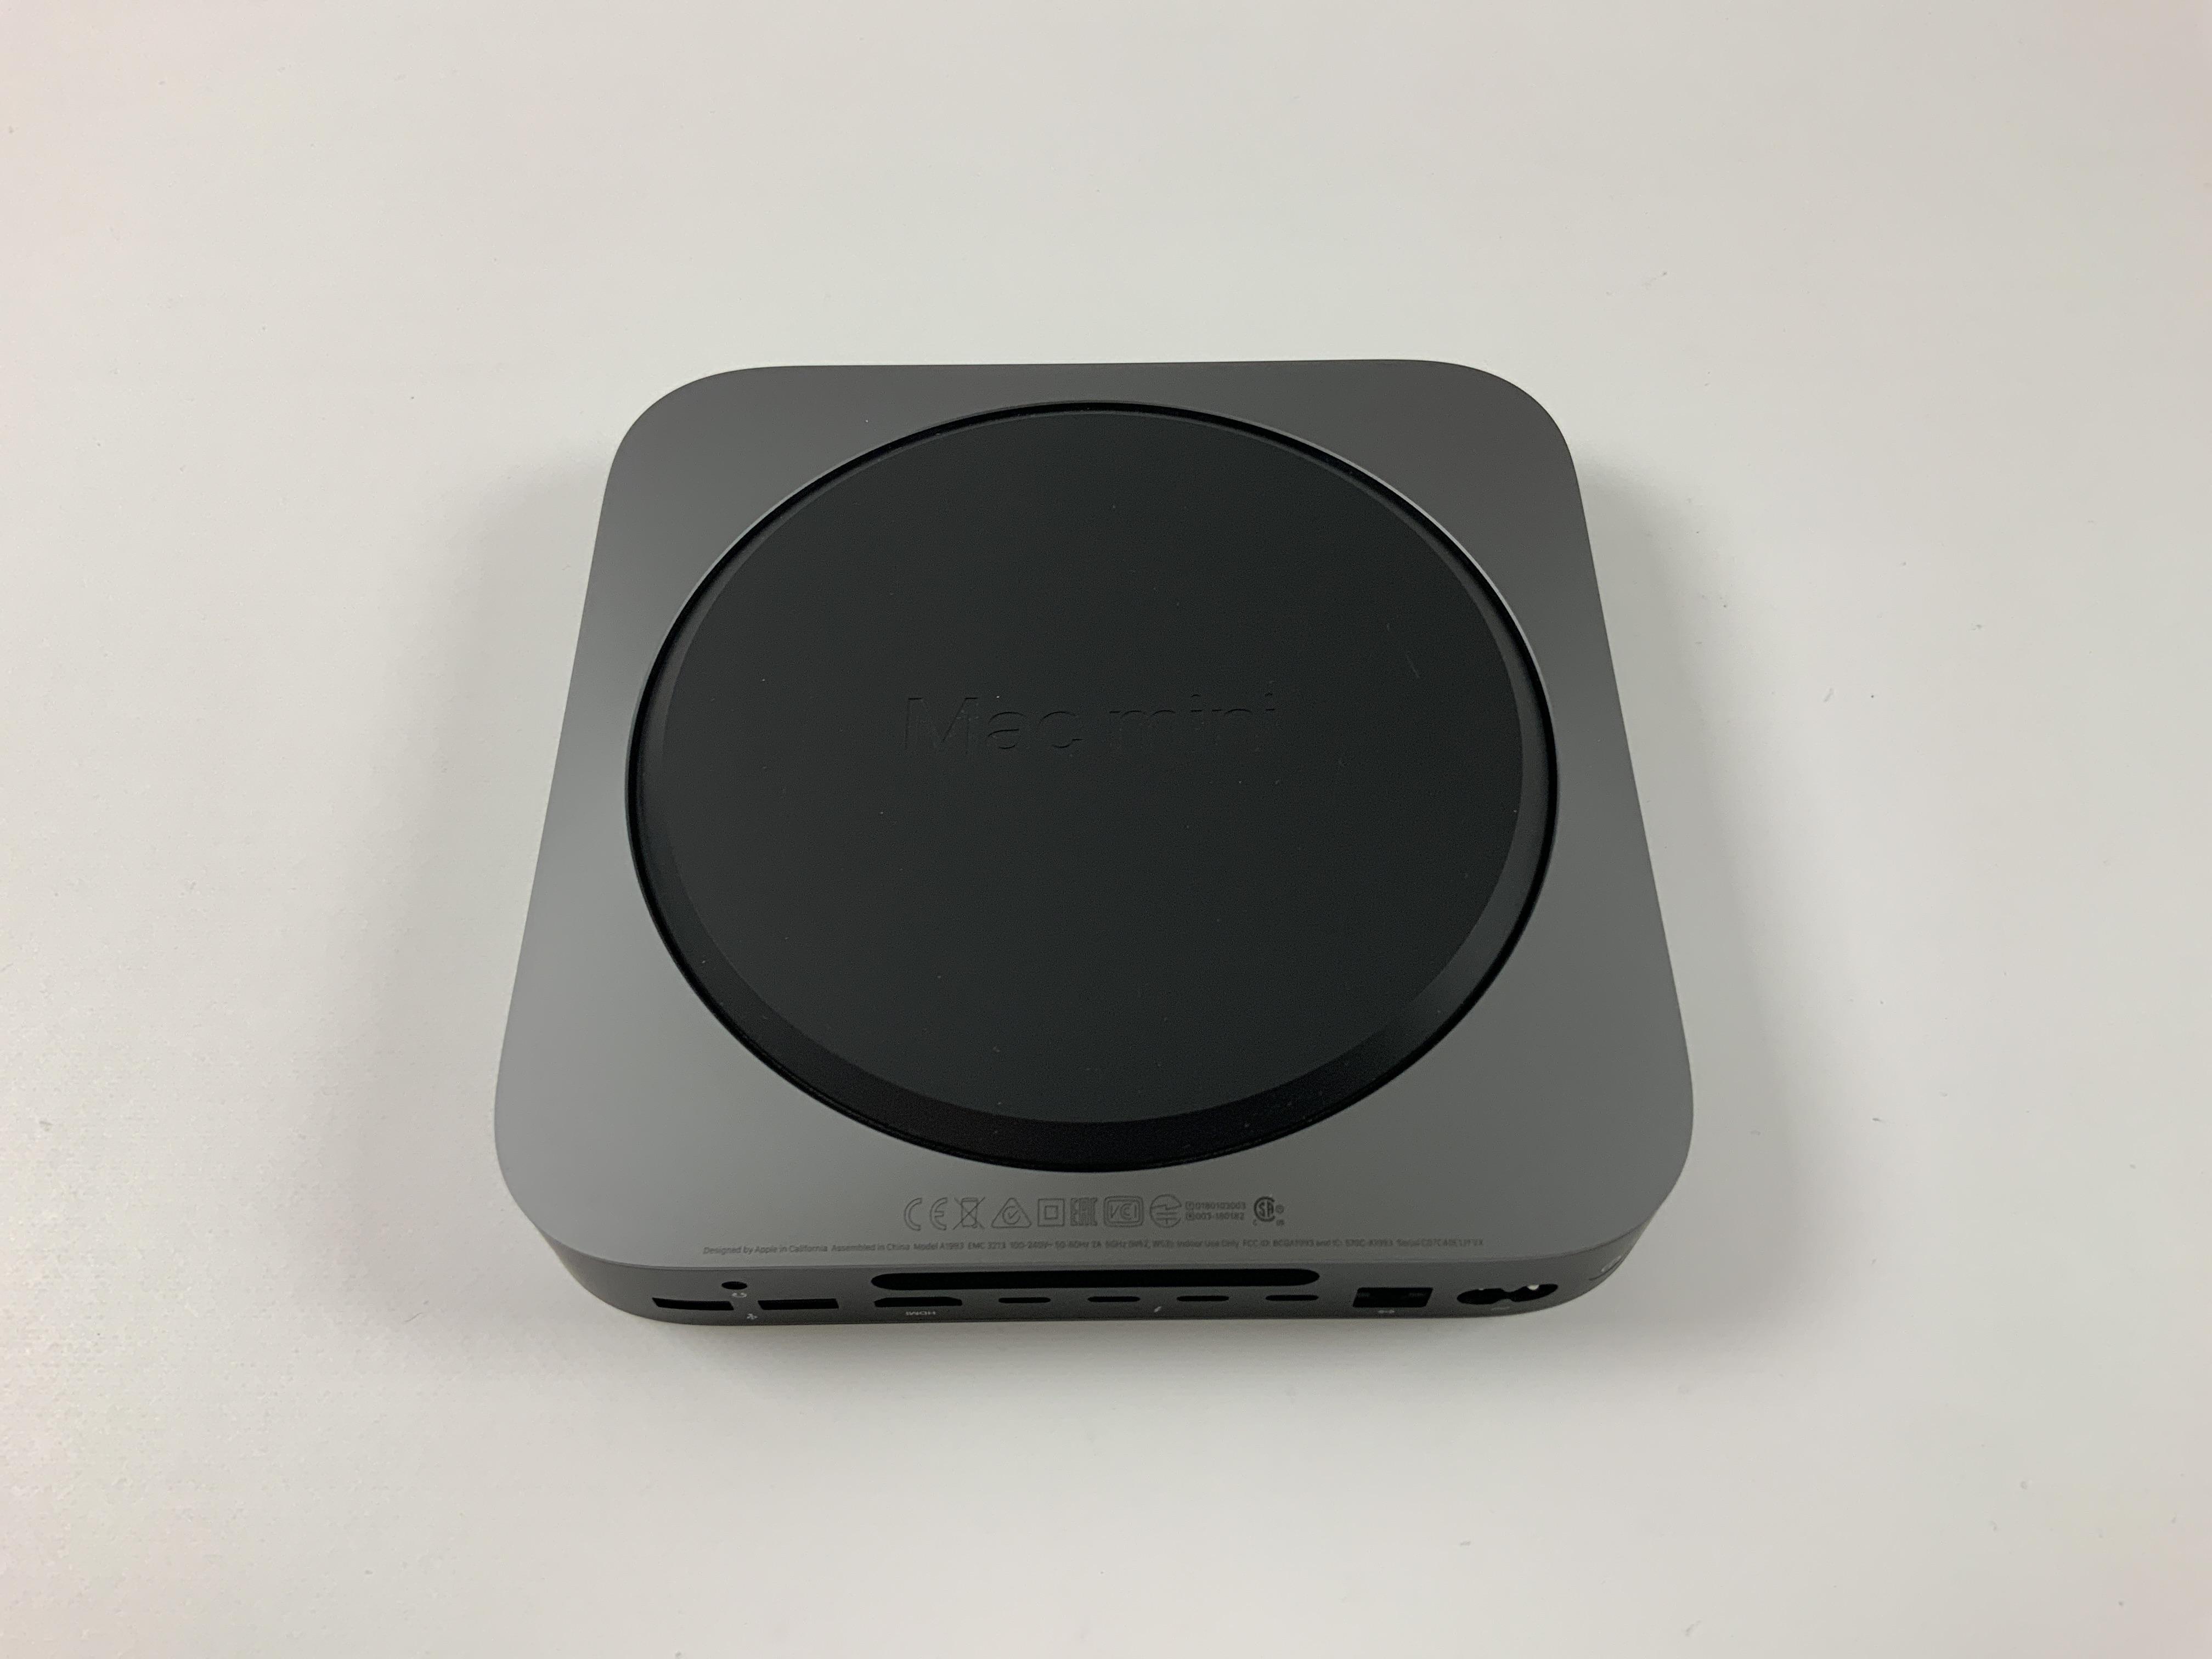 Mac Mini Early 2020 (Intel 6-Core i5 3.0 GHz 64 GB RAM 256 GB SSD), Intel 6-Core i5 3.0 GHz, 64 GB RAM, 256 GB SSD, bild 2